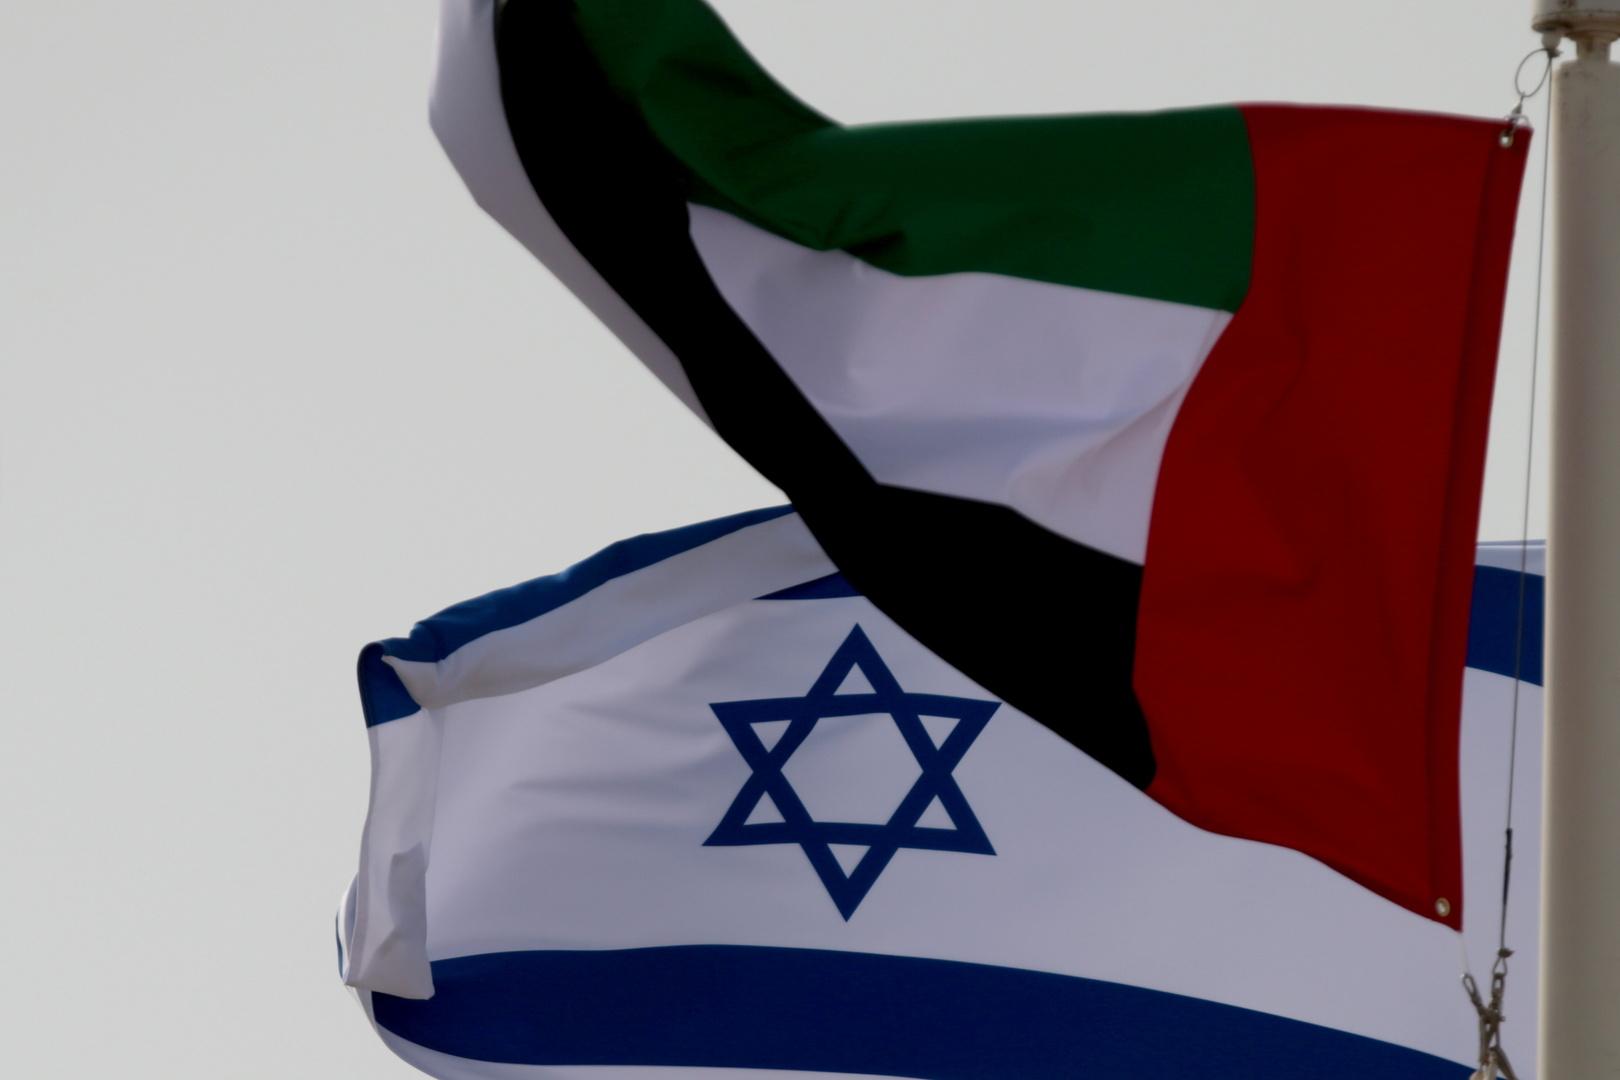 مطالبات بإلغاء اتفاق بين شركتين إسرائيلية وإماراتية ومحكمة العدل العليا تمهل الحكومة نحو 3 أشهر